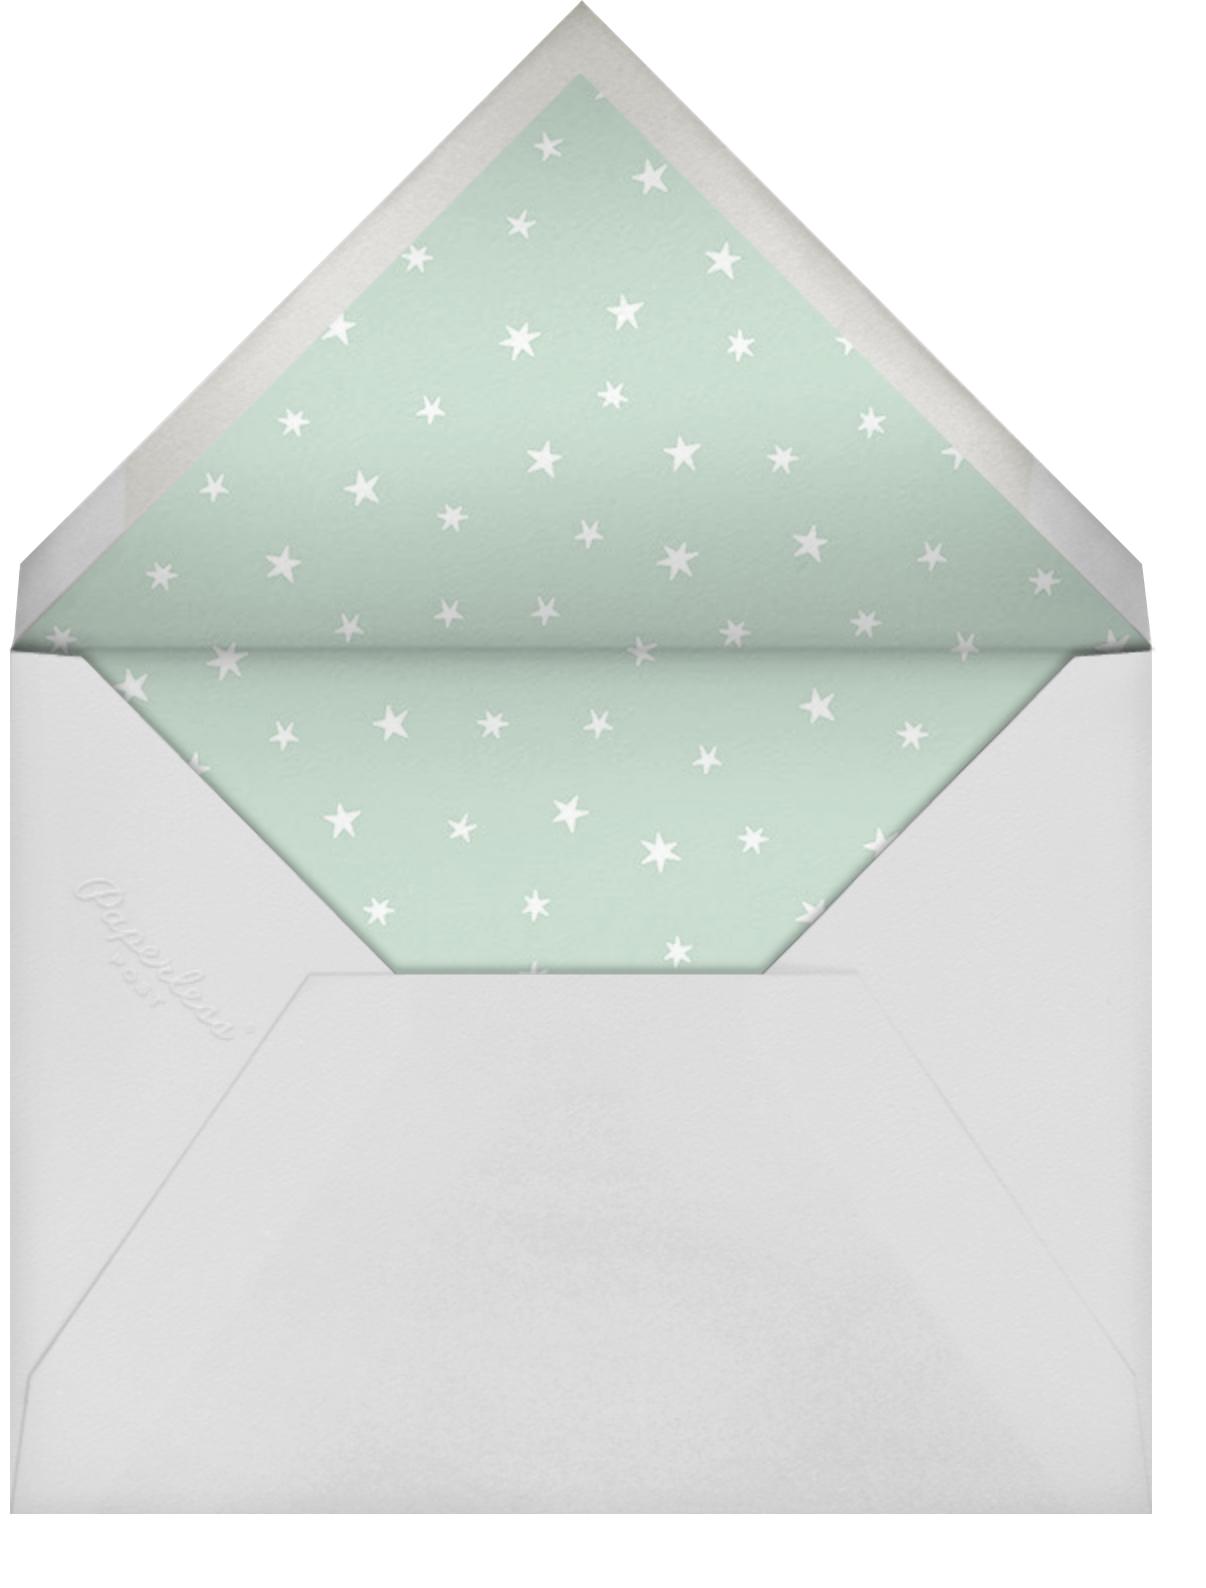 Starry Slumber (Invitation) - Gold - Paperless Post - Baby shower - envelope back